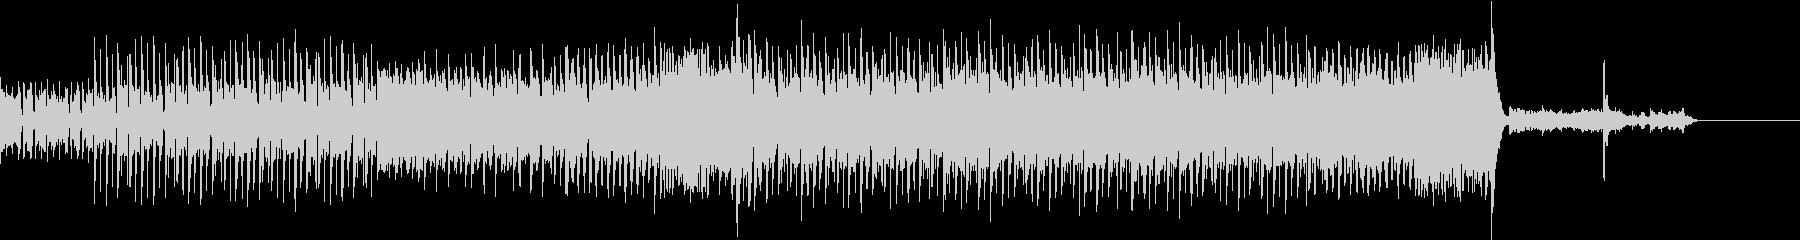 ミステリアスなEDMロックの未再生の波形